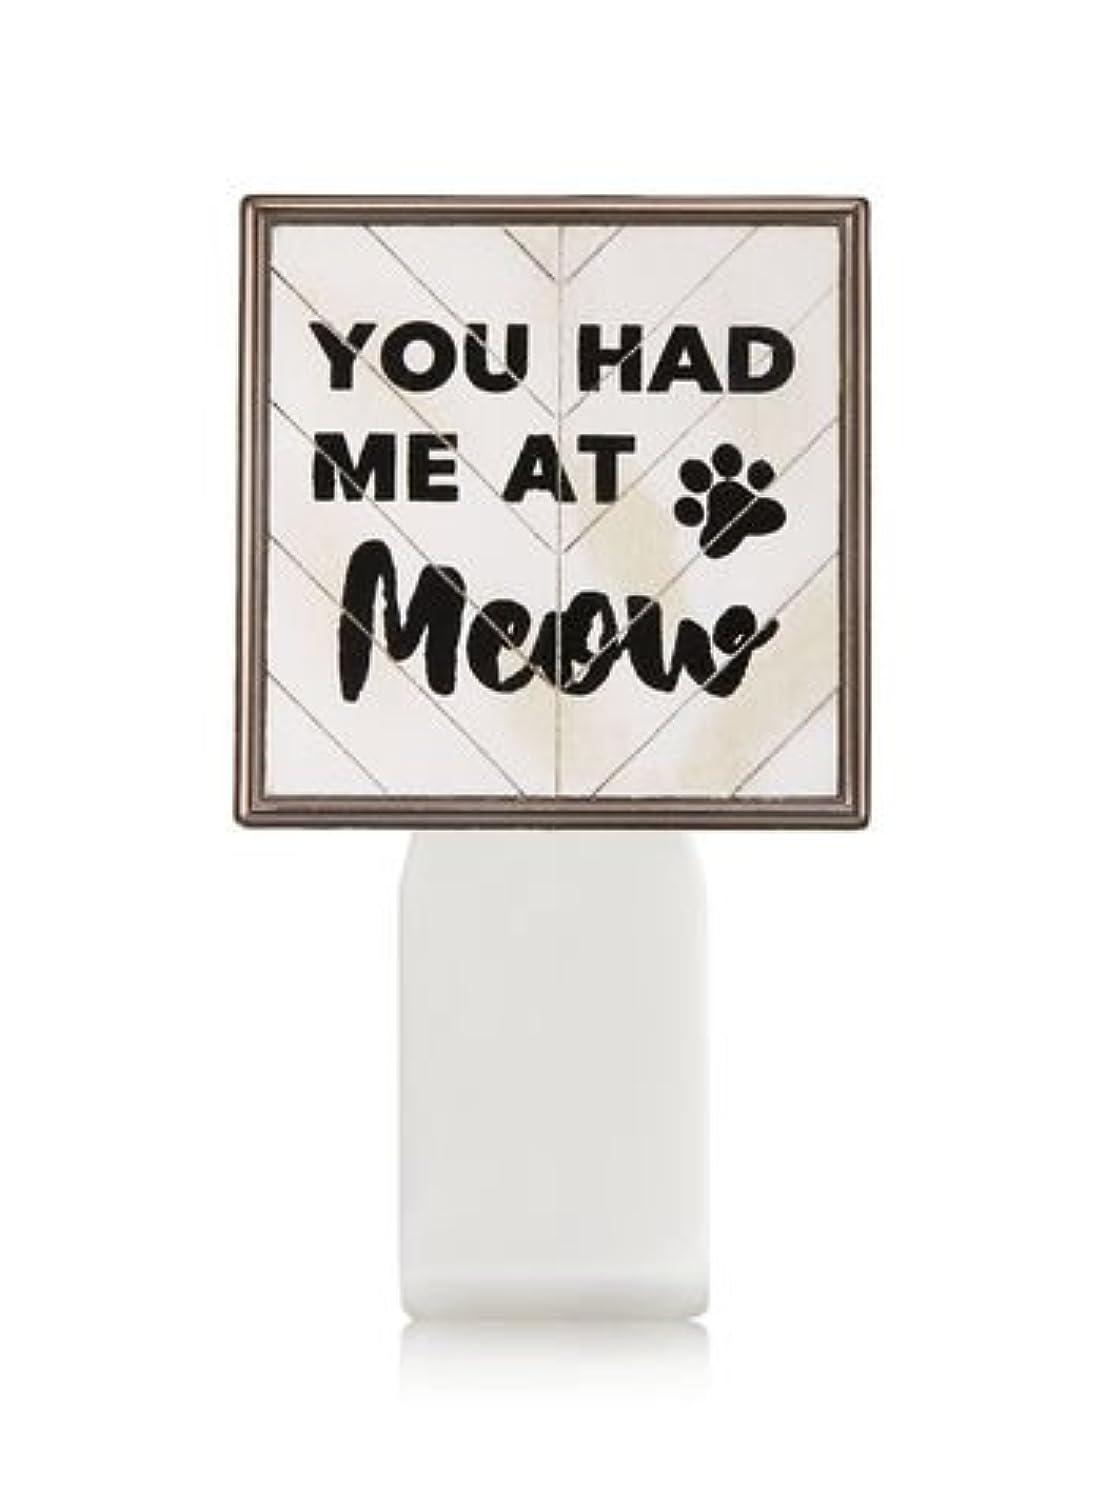 容量お世話になった宿命【Bath&Body Works/バス&ボディワークス】 ルームフレグランス プラグインスターター (本体のみ) キャット シールド Wallflowers Fragrance Plug You Had Me At Meow...